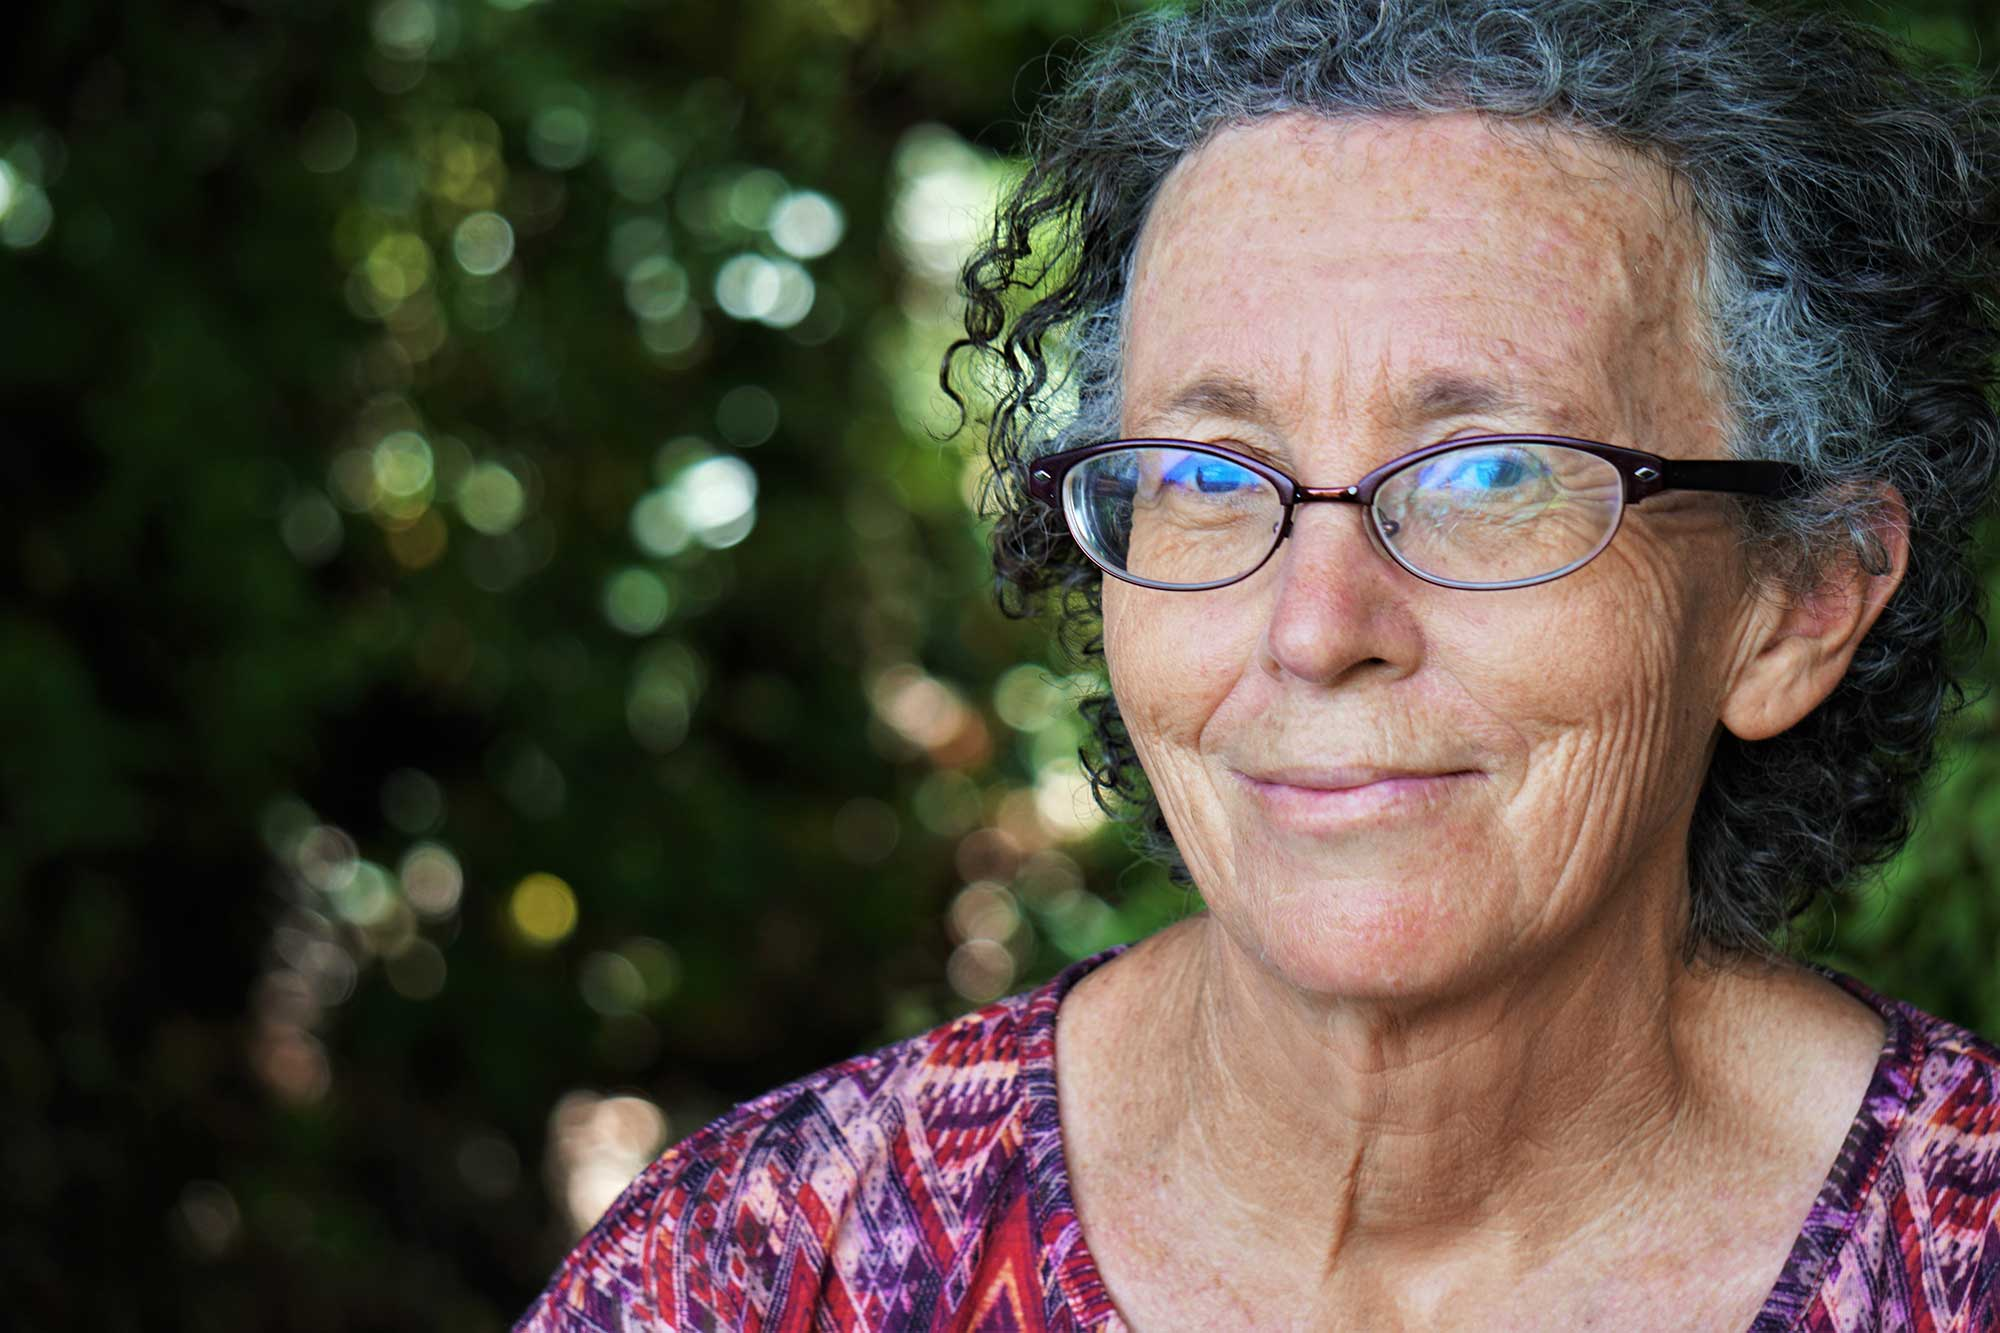 Una anciana obtiene $100,000 de lesiones no quirúrgicas en accidentes automovilísticos